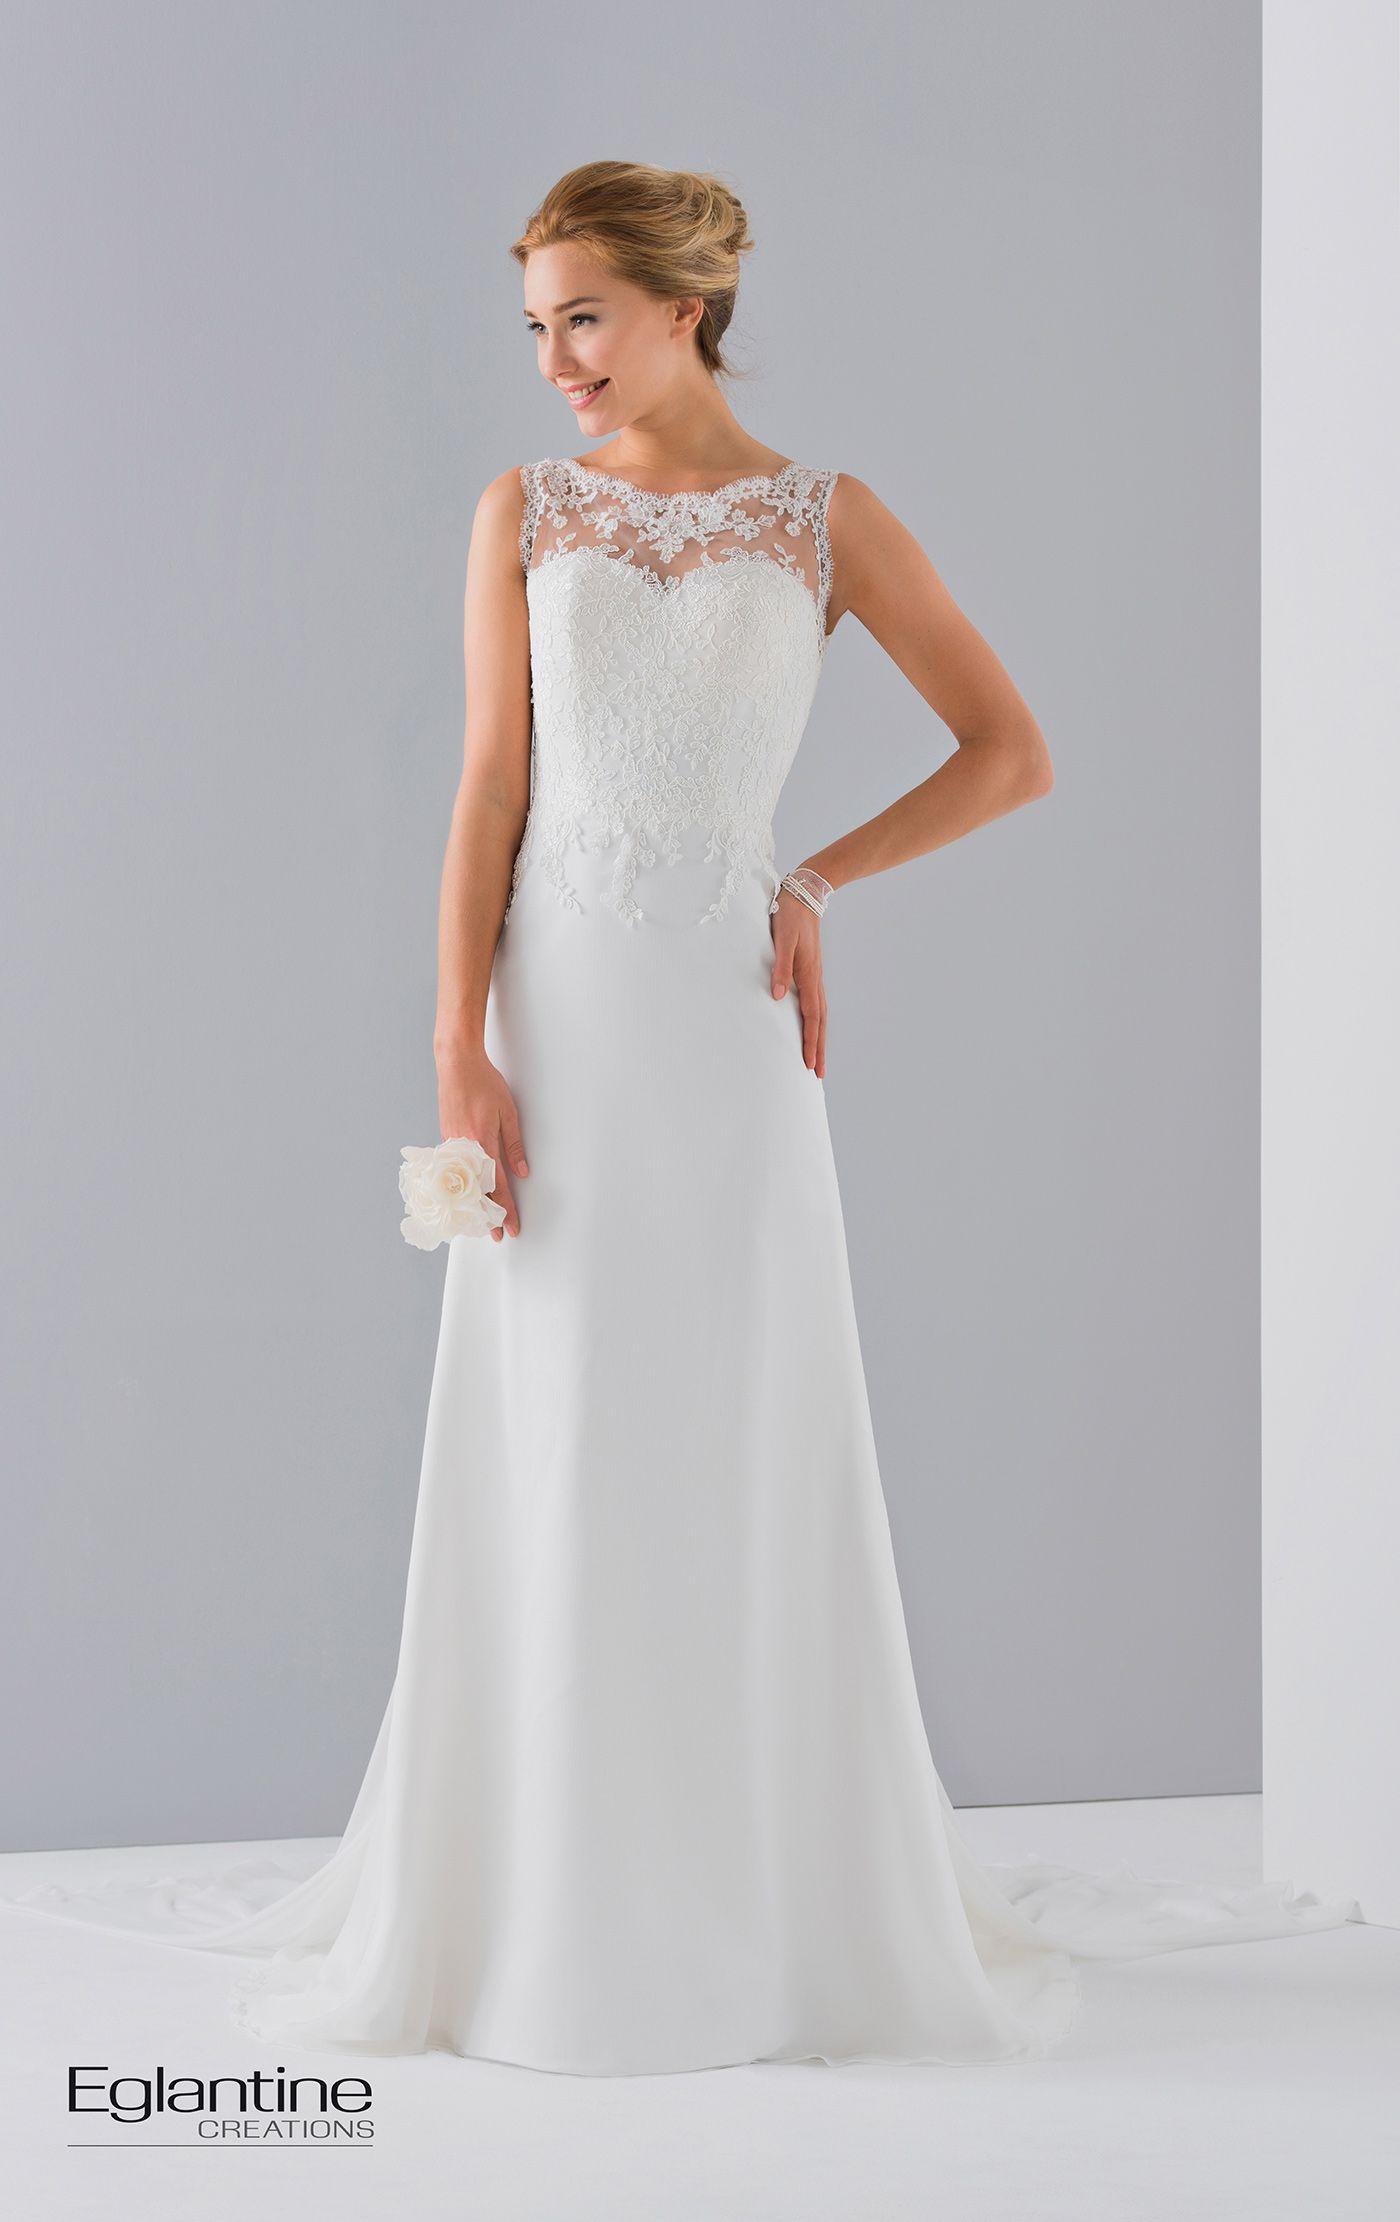 Robe de mariée avec buste dentelle et jupe